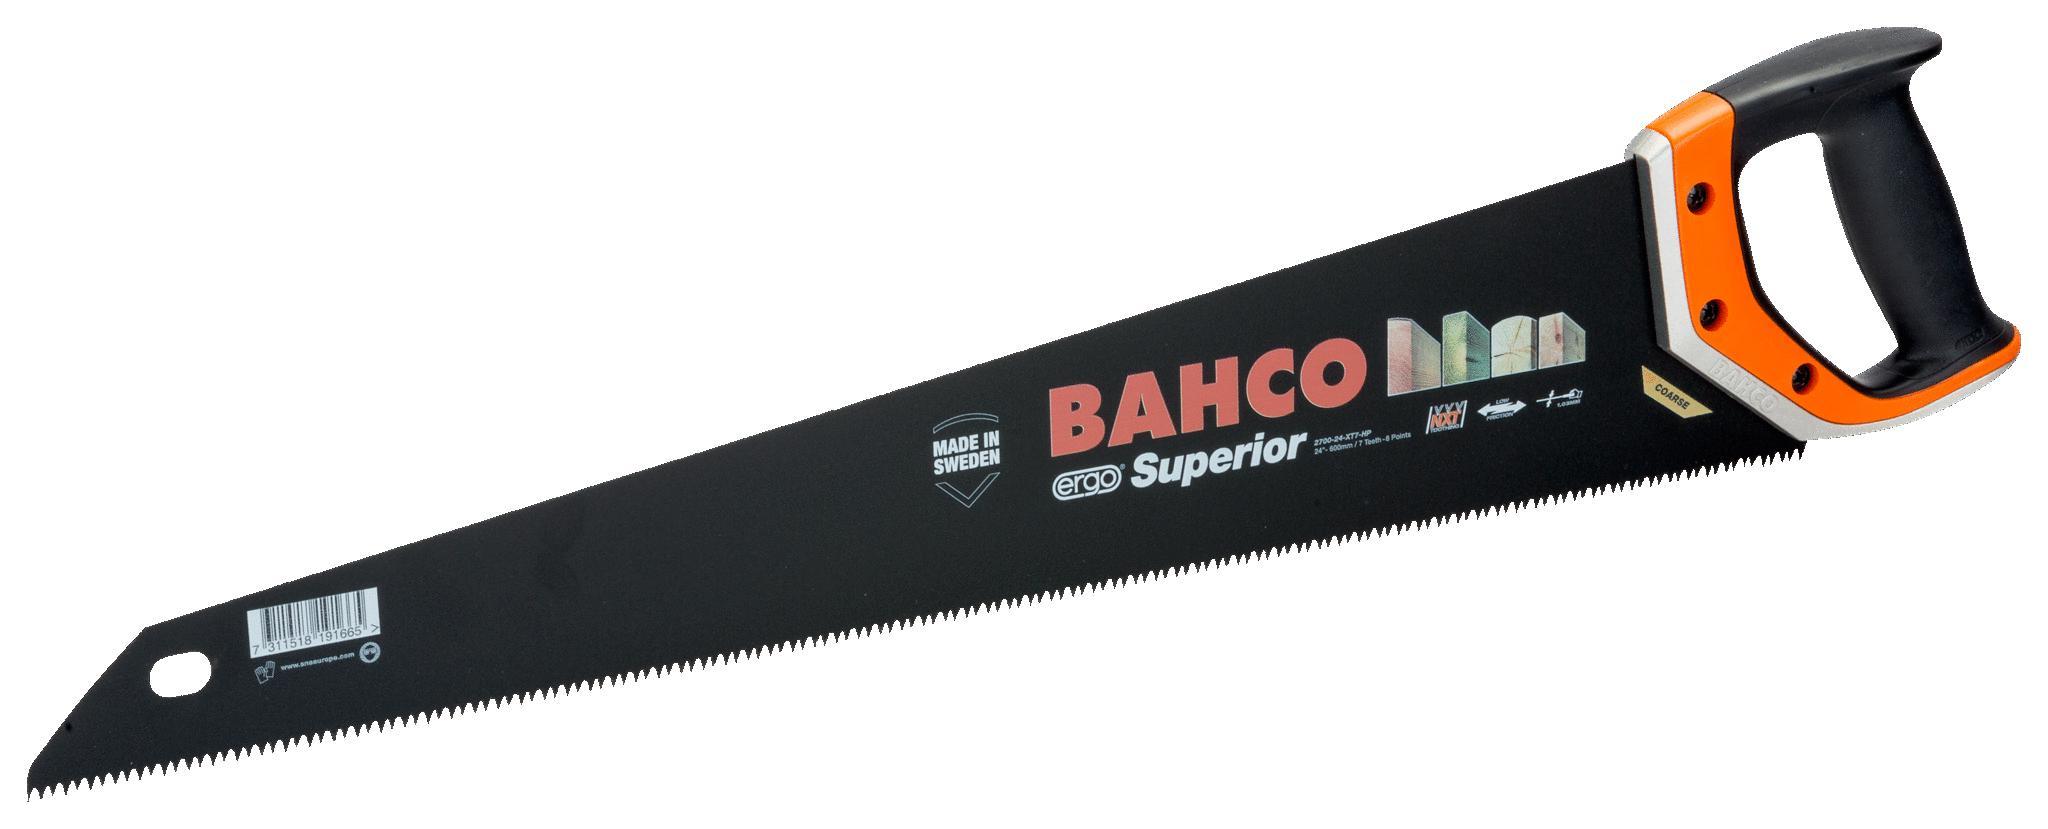 Ножовка по дереву Bahco 2700-24-xt7-hp ножовка bahco 2500 22 xt hp